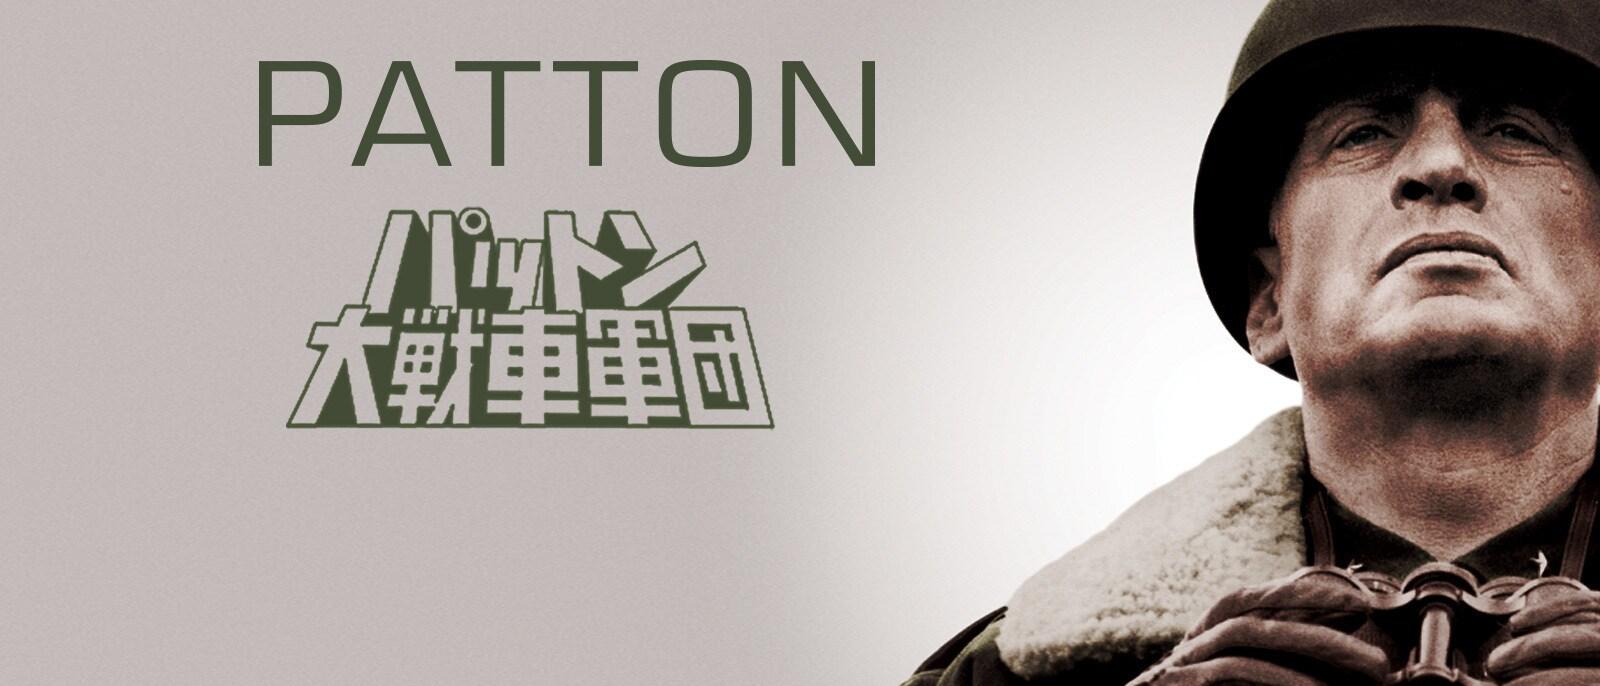 Patton Hero